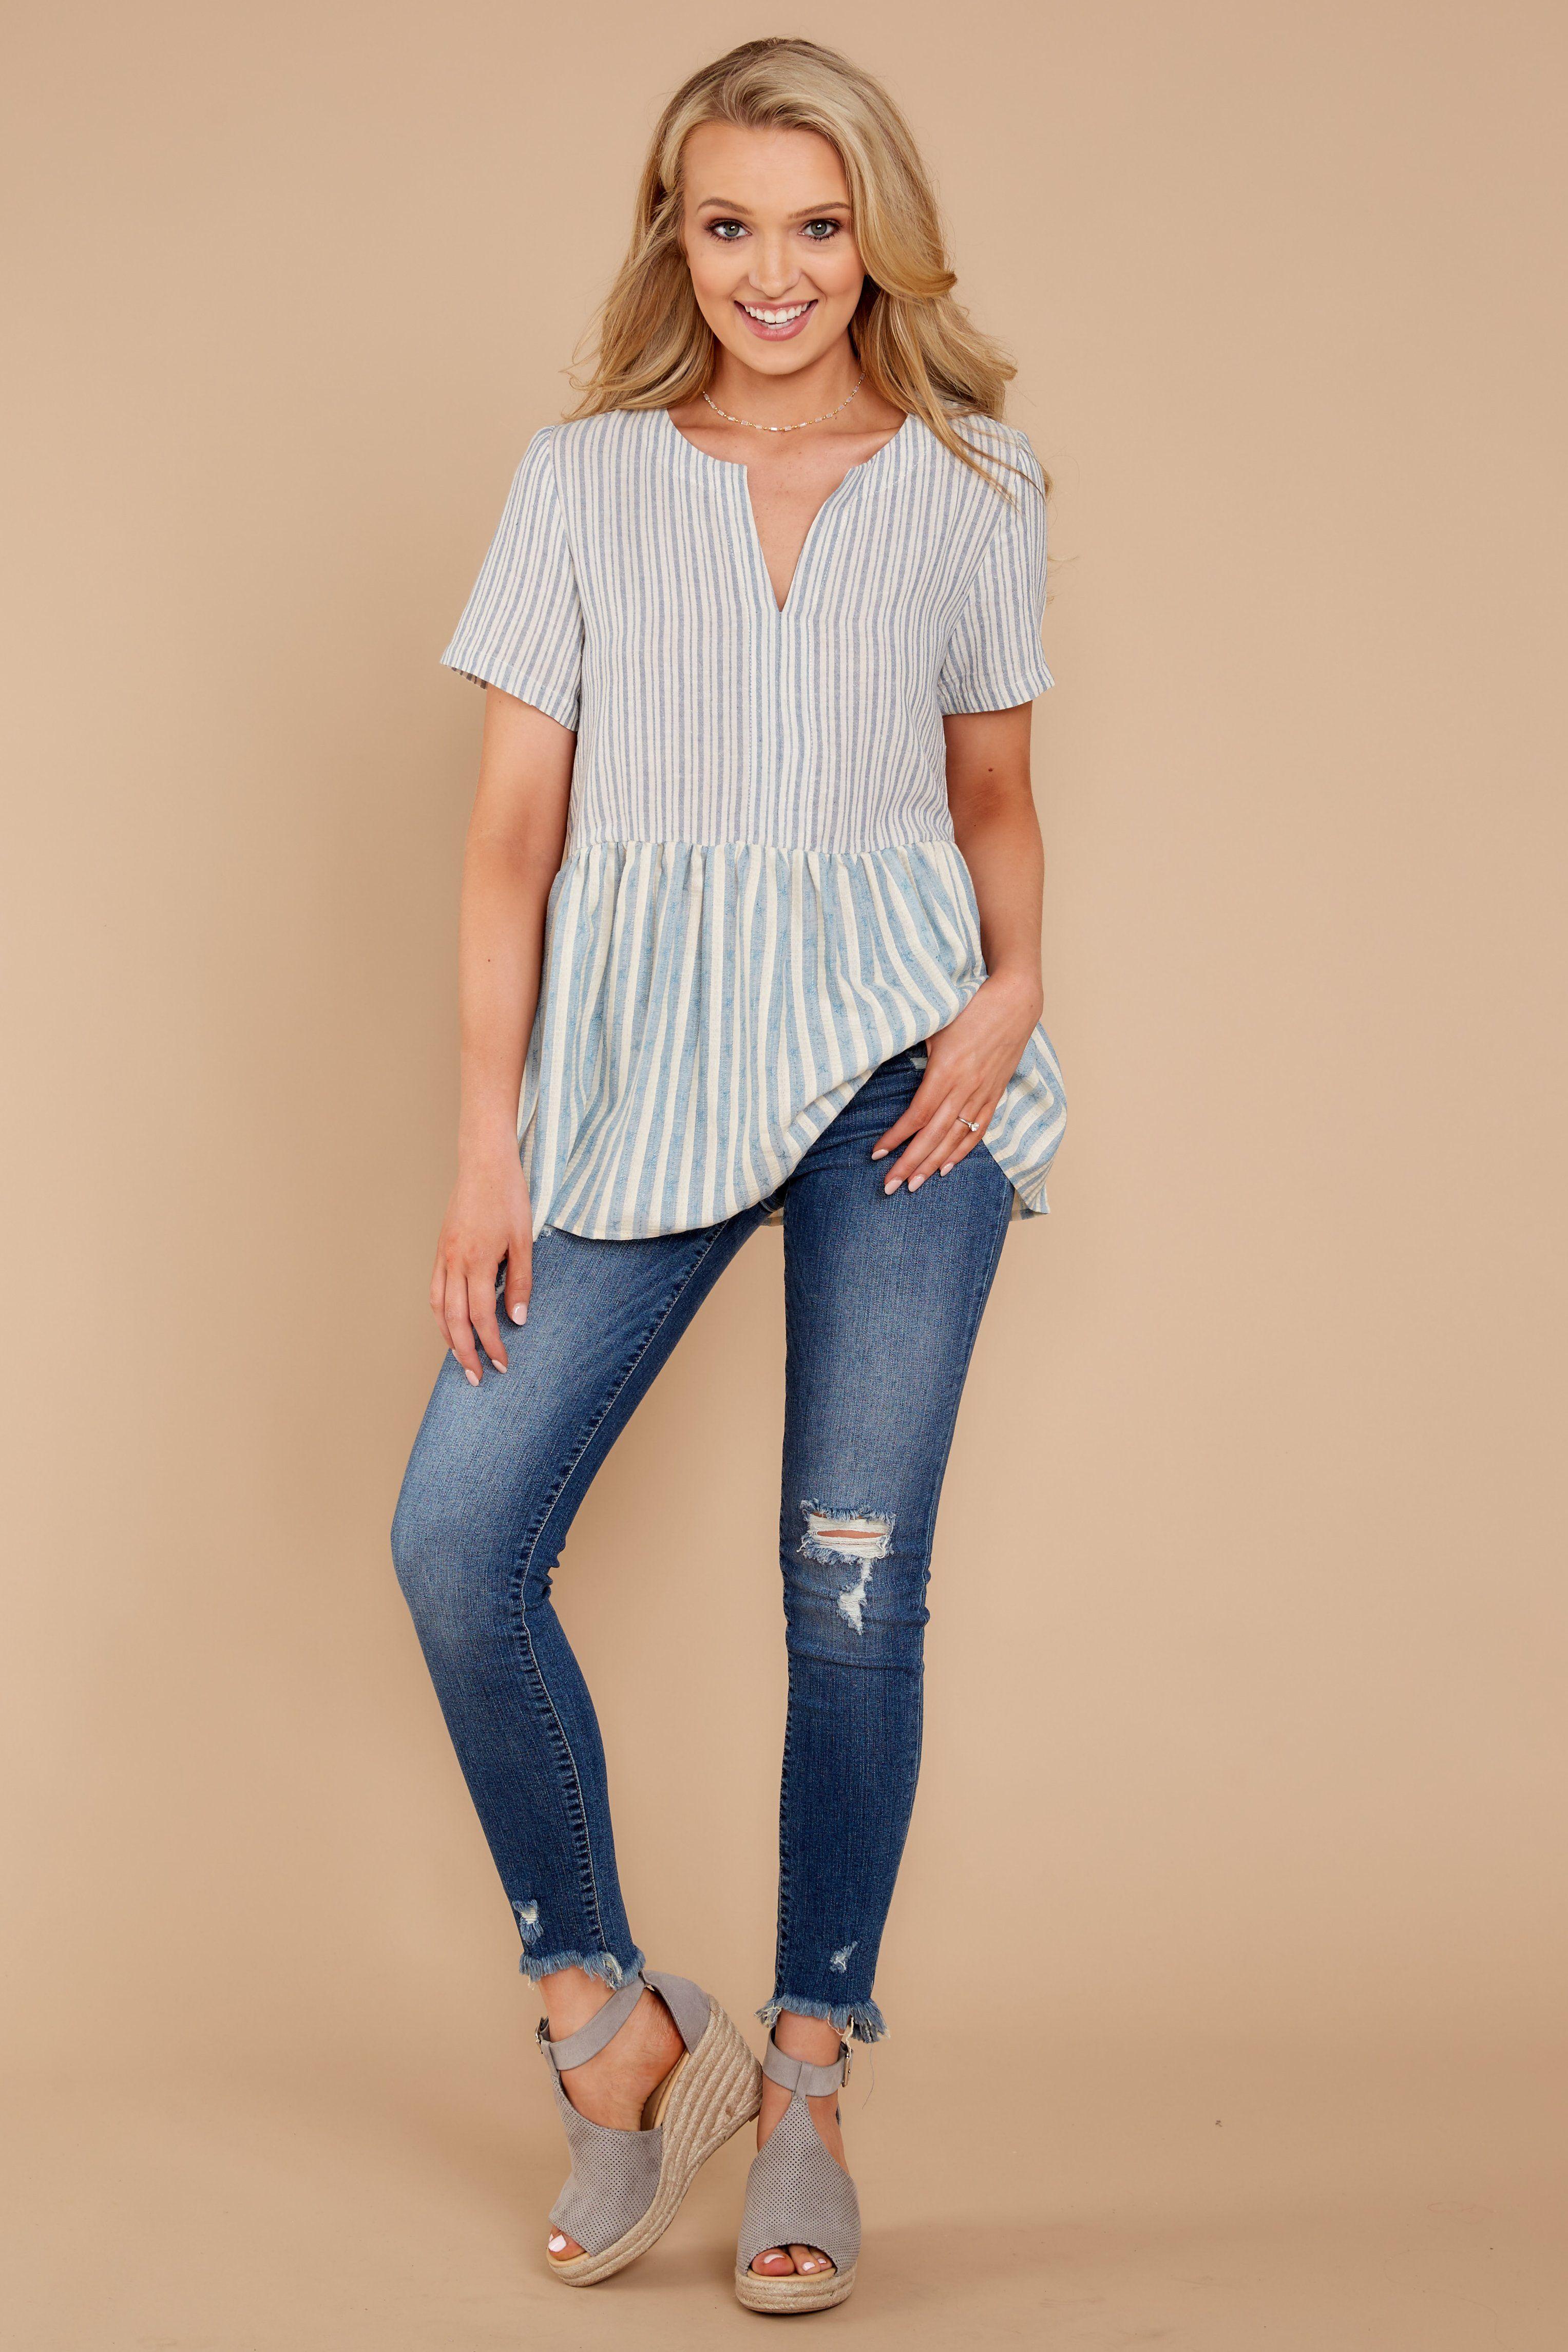 chic blue striped top  cute striped top  top  3800